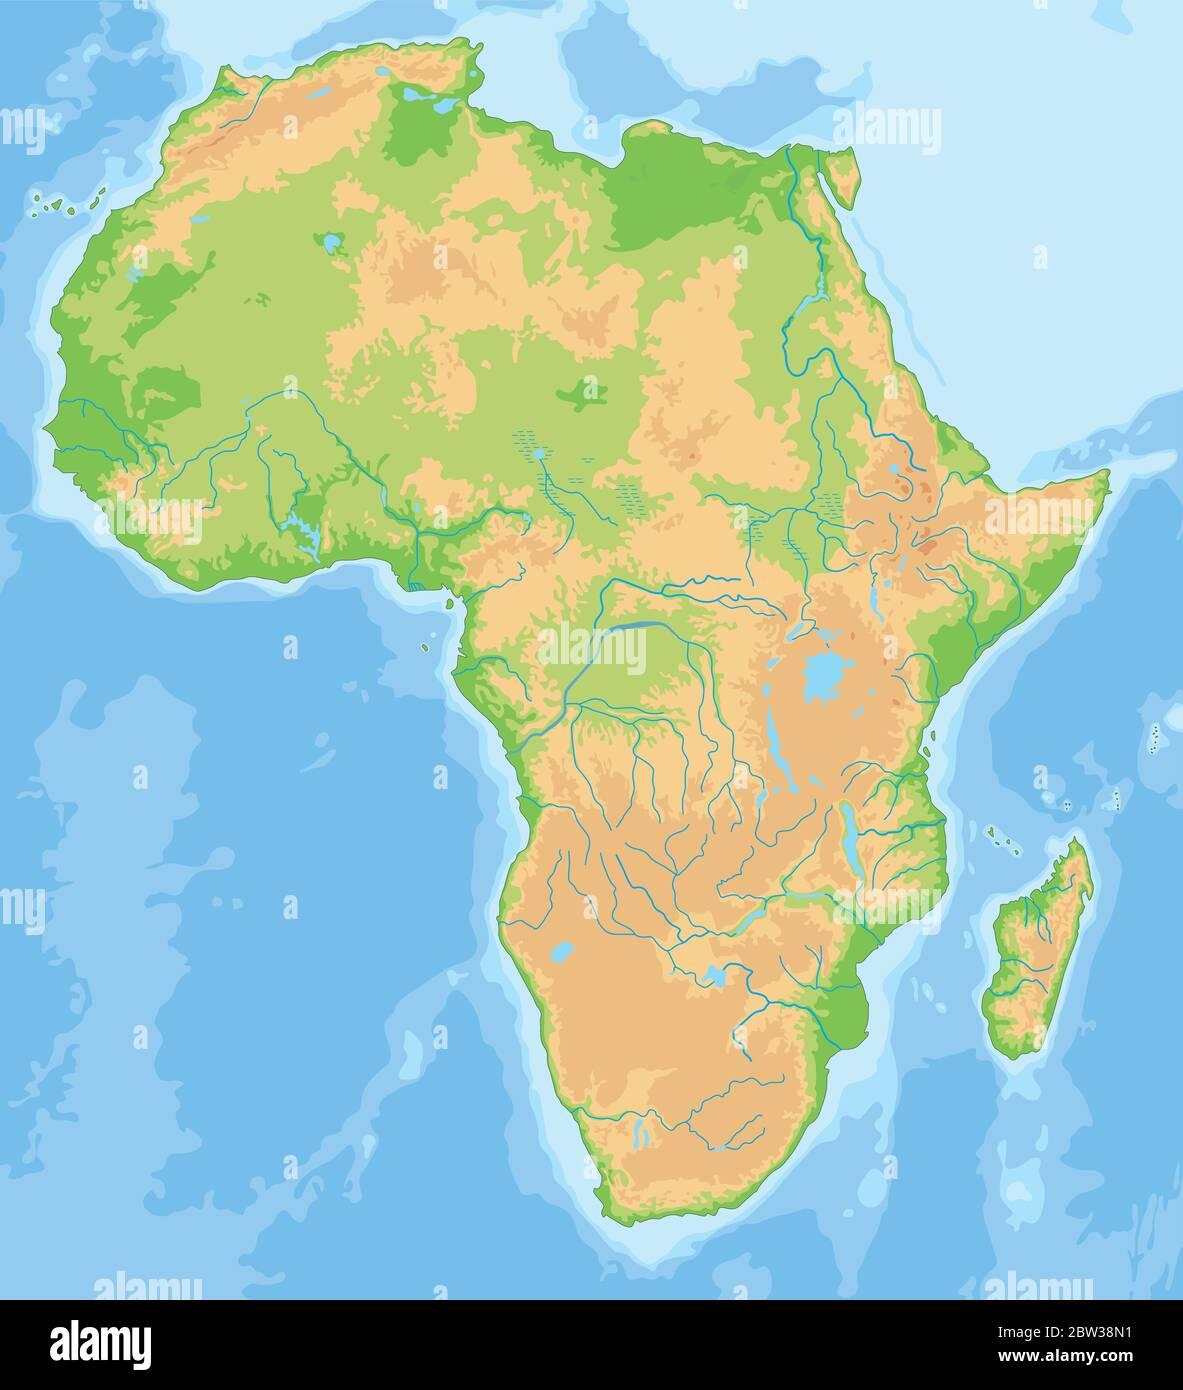 Cartina Geografica Dell Africa Fisica.Mappa Fisica Dell Africa Dettagliata Immagine E Vettoriale Alamy